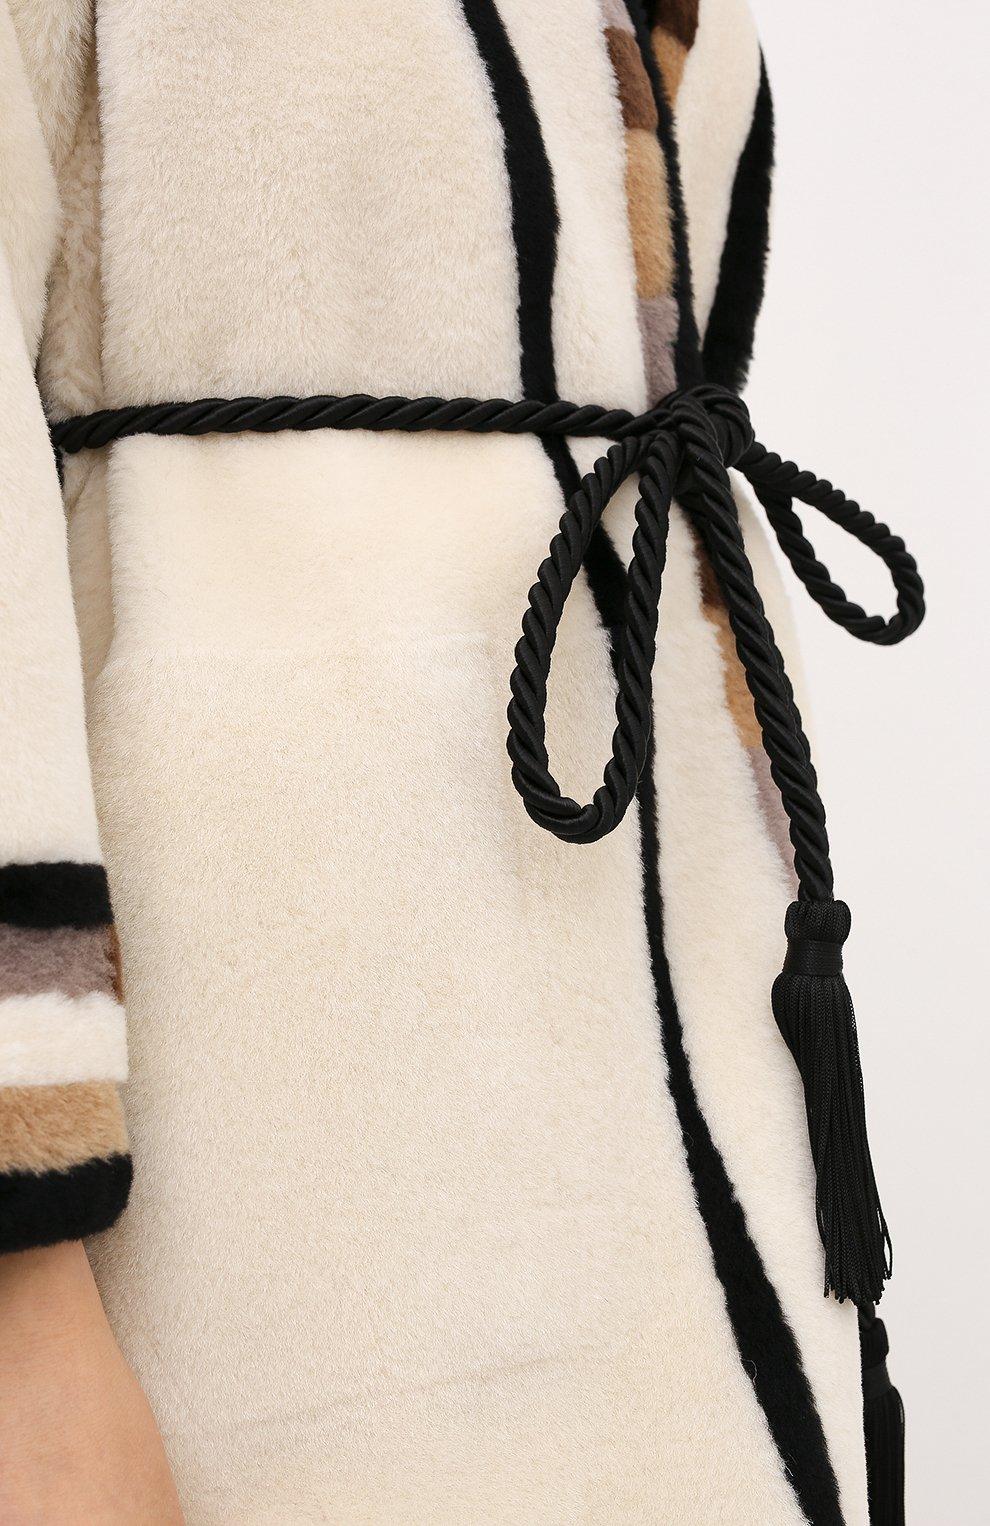 Женская дубленка с поясом BLANCHA светло-бежевого цвета, арт. 20095/300/26/VARIANTE IV0RY | Фото 5 (Женское Кросс-КТ: Мех, Замша и кожа; Рукава: Длинные; Материал внешний: Натуральный мех; Длина (верхняя одежда): До колена)